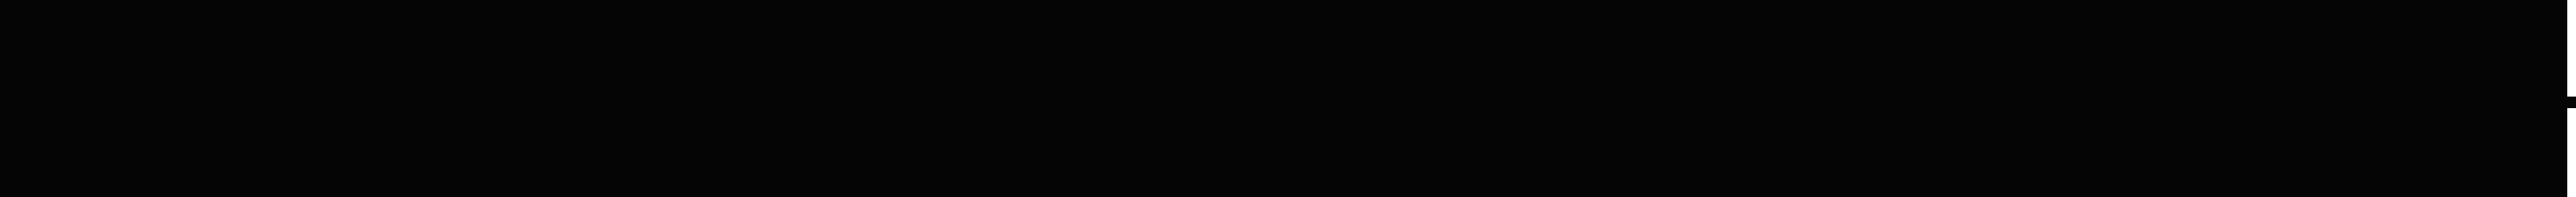 divider line png - PNG Divider Lines